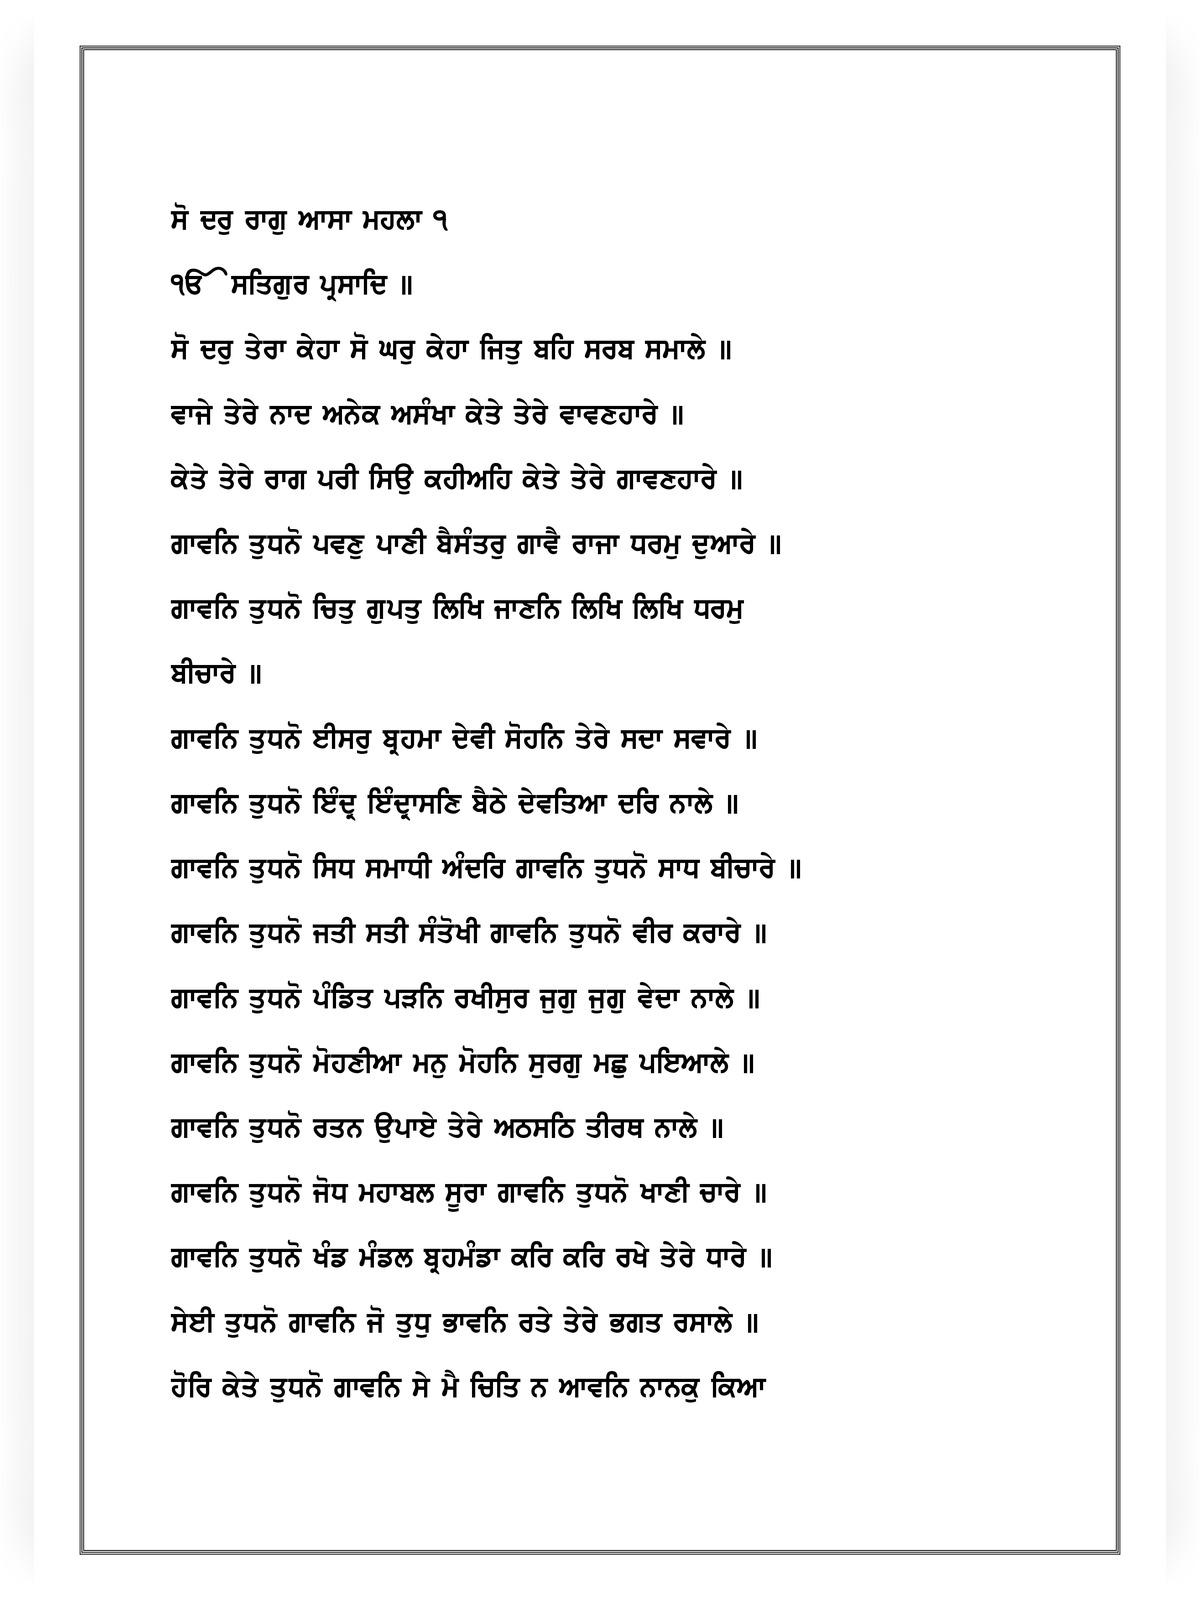 ਰਹਿਰਾਸ ਸਾਹਿਬ ਮਾਰਗ | Rehras Sahib Path pdf